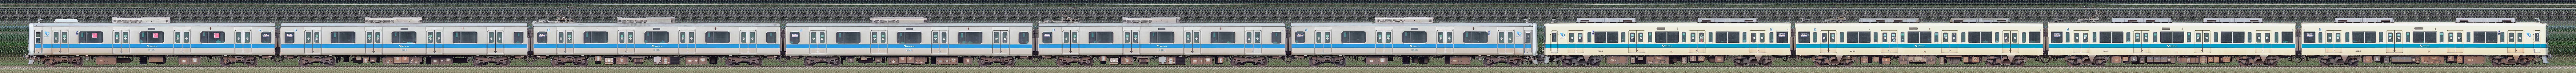 小田急8000形8055×4+3000形3256×6(海側)の編成サイドビュー